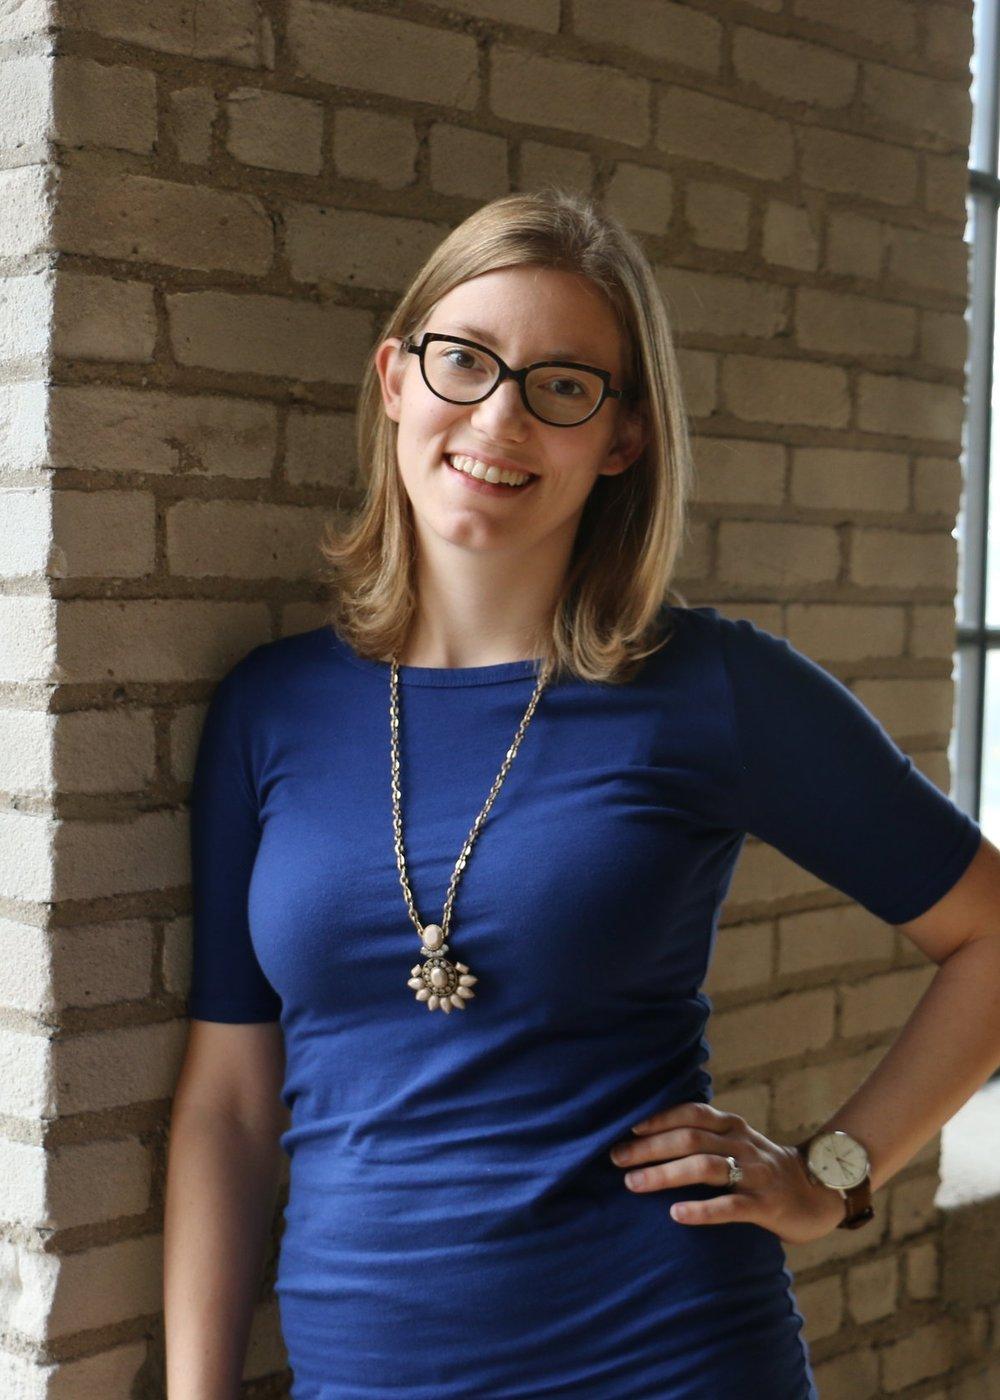 Deanna Throesch - UI/UX Designer